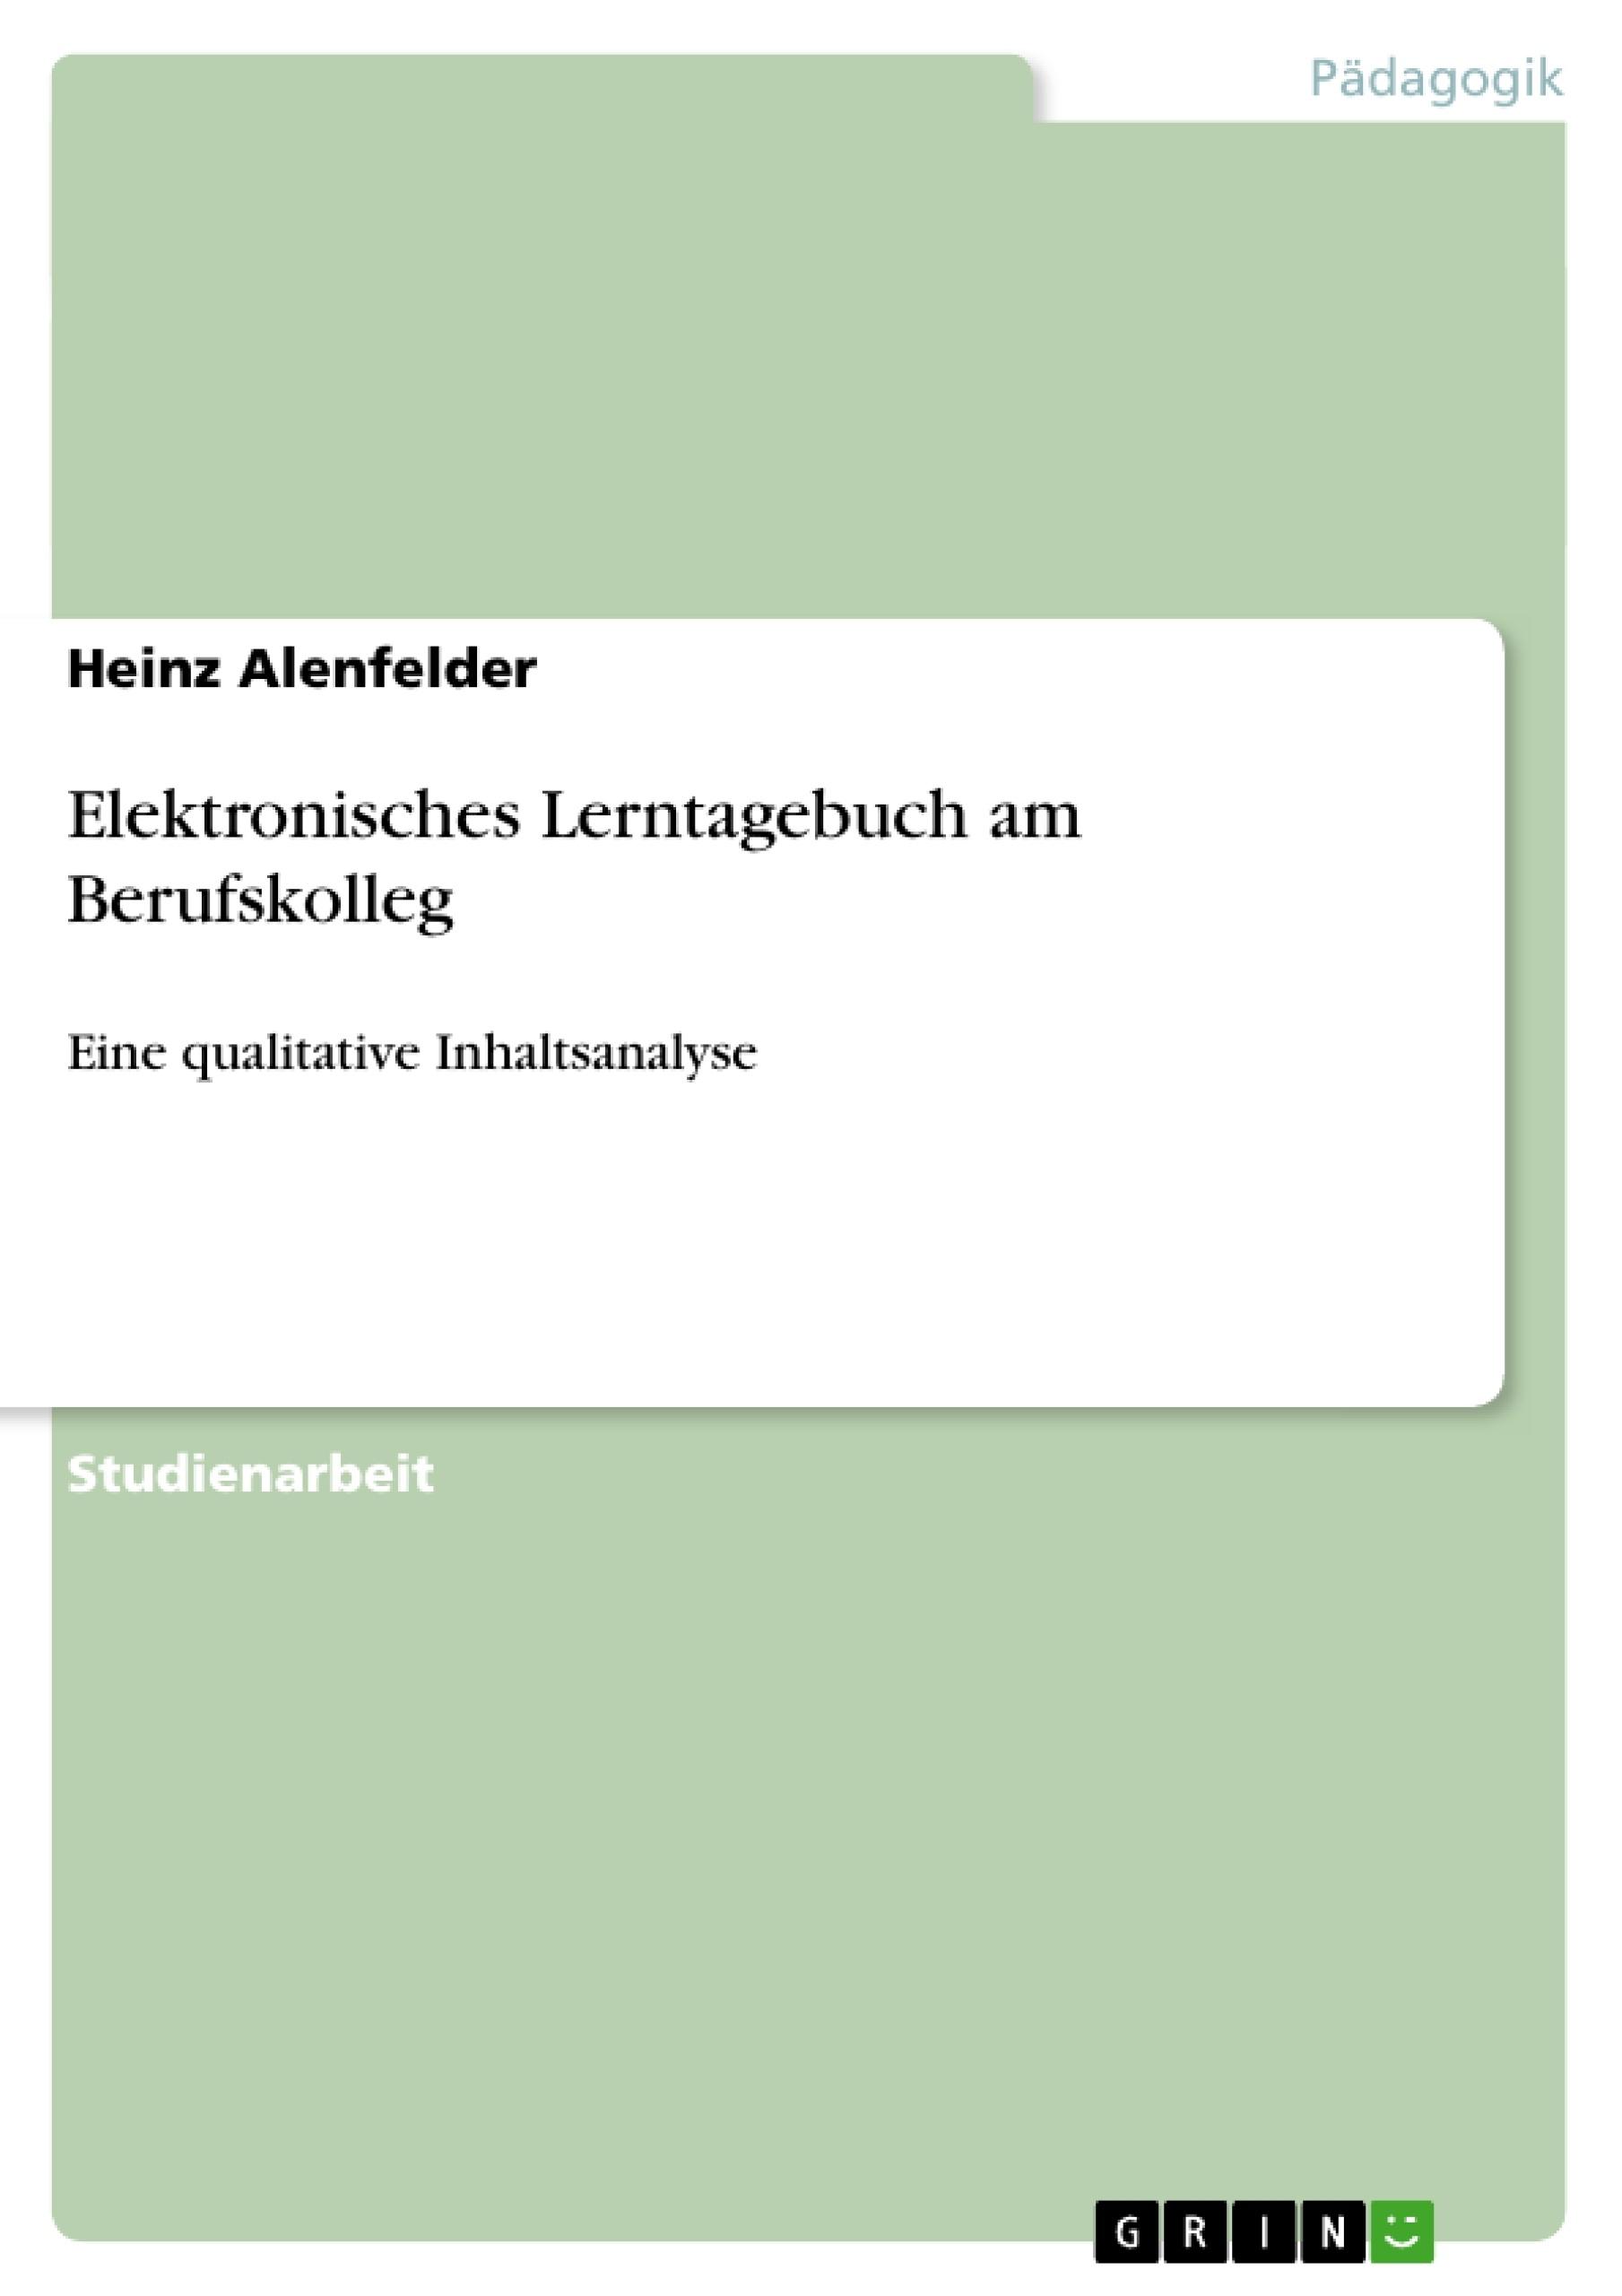 Titel: Elektronisches Lerntagebuch am Berufskolleg